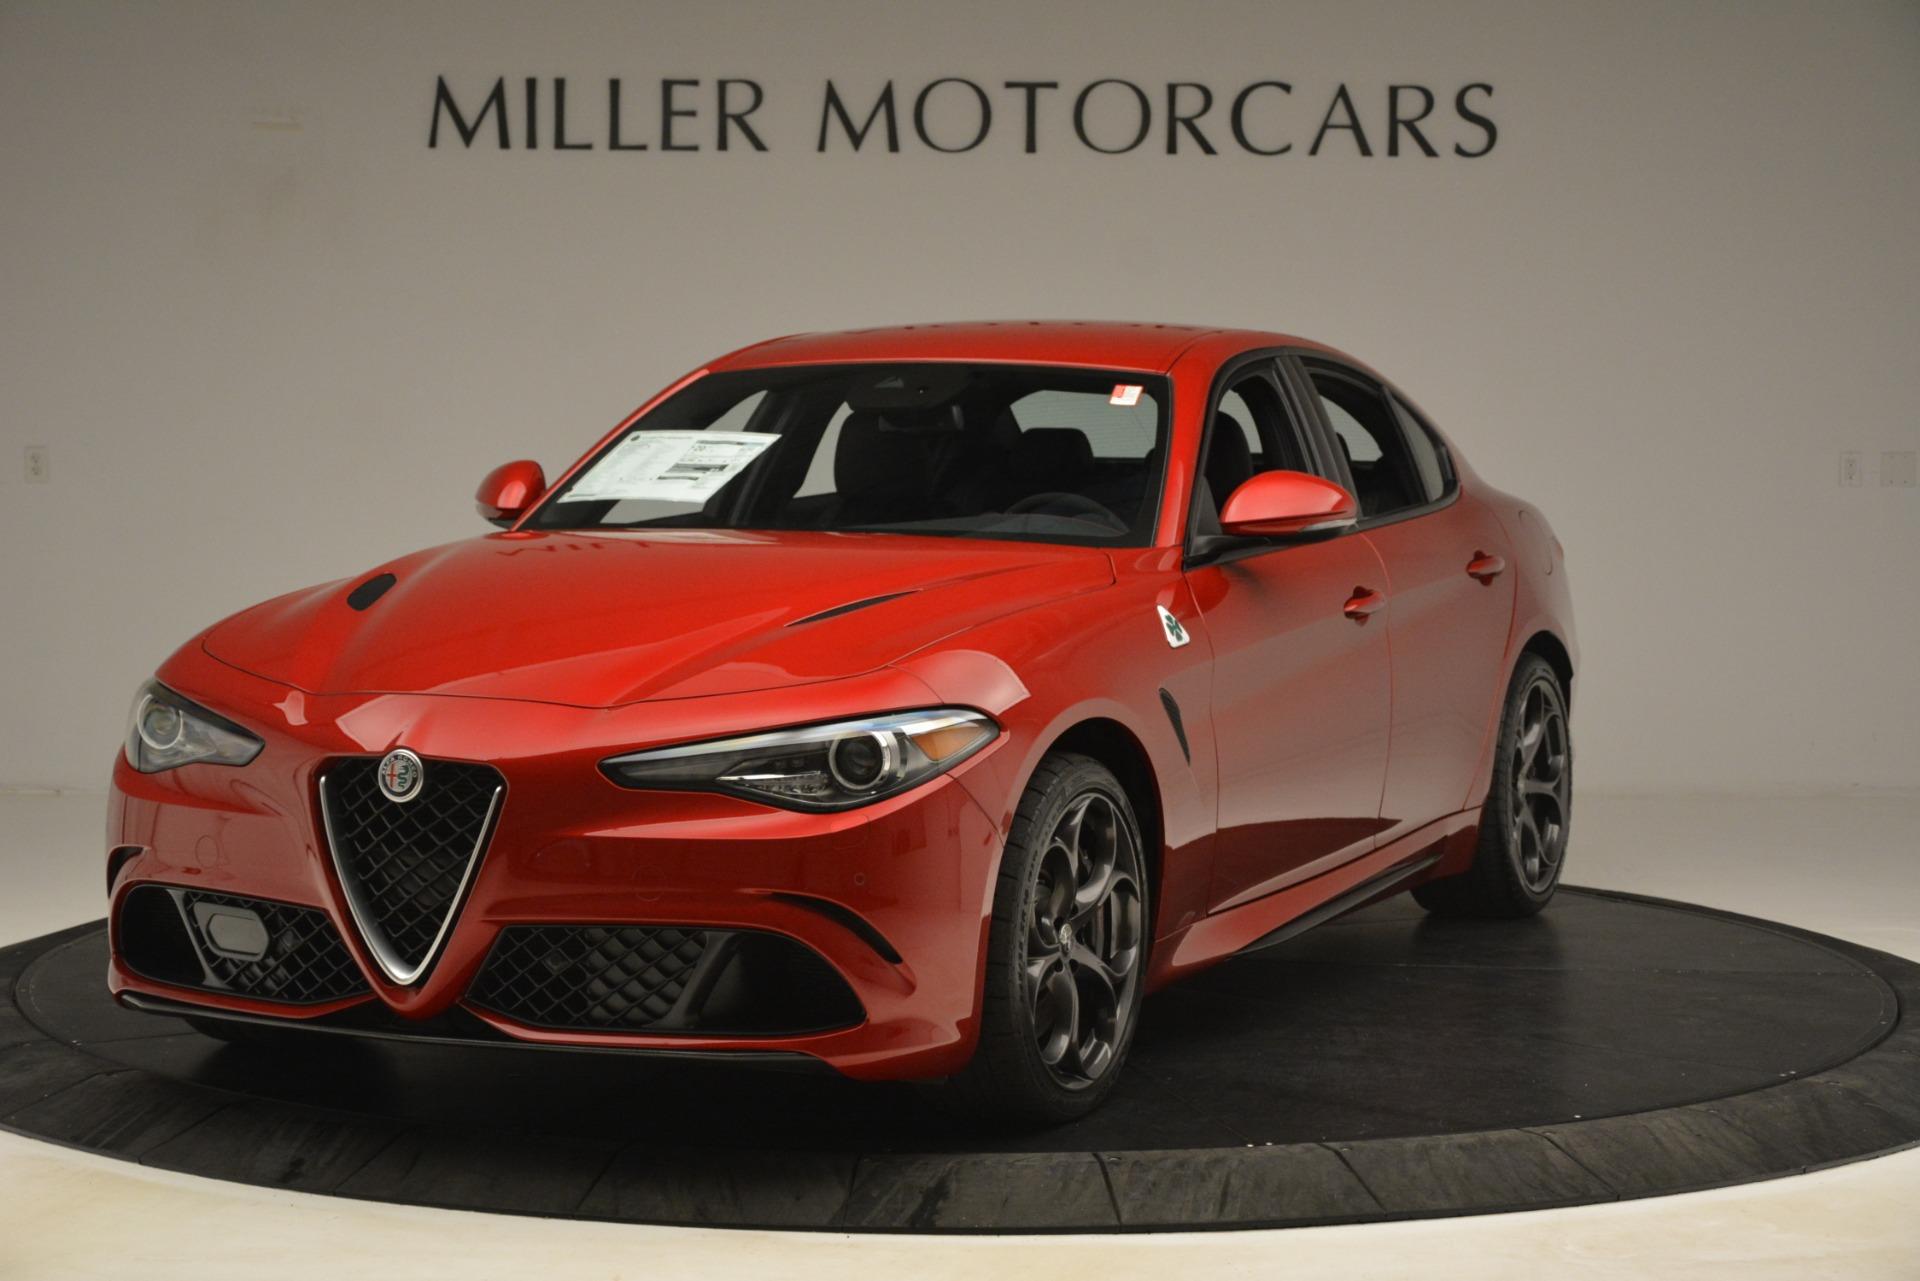 New 2019 Alfa Romeo Giulia Quadrifoglio for sale Sold at Pagani of Greenwich in Greenwich CT 06830 1